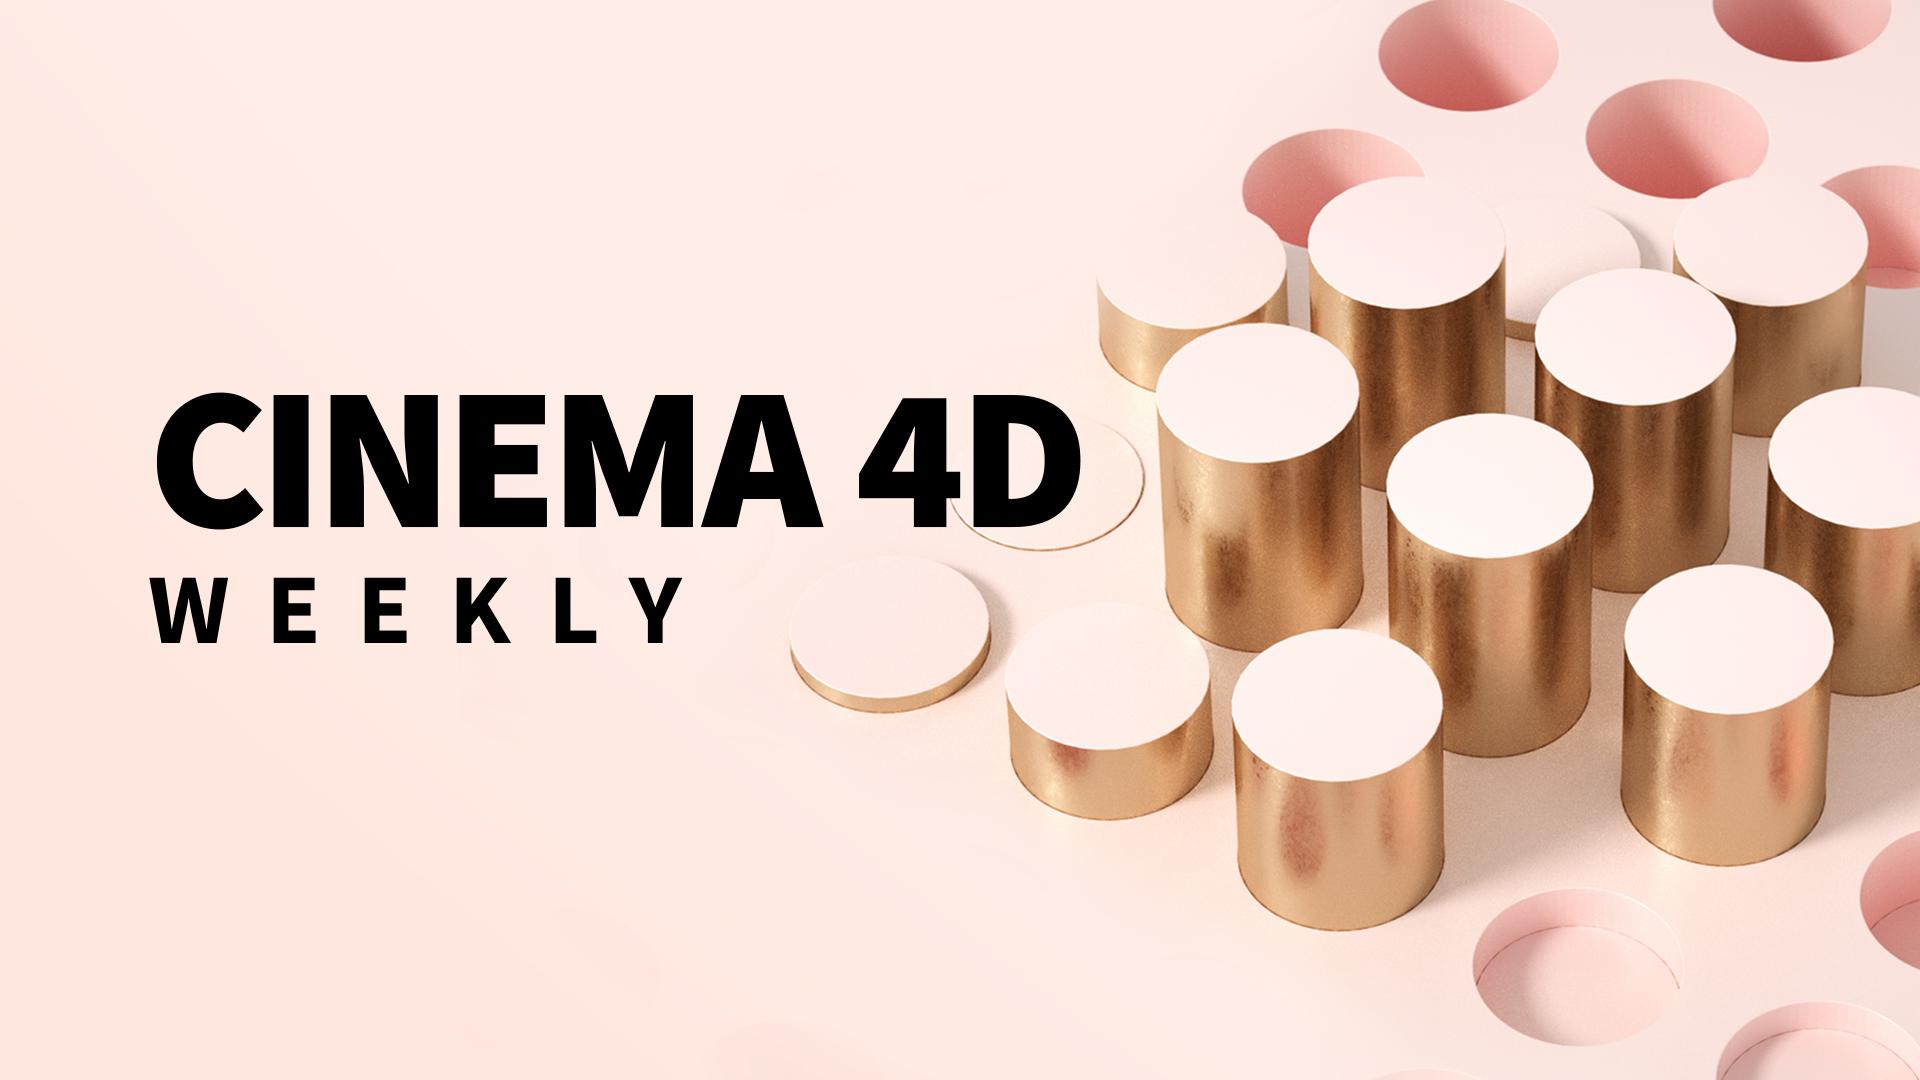 Cinema 4D Weekly